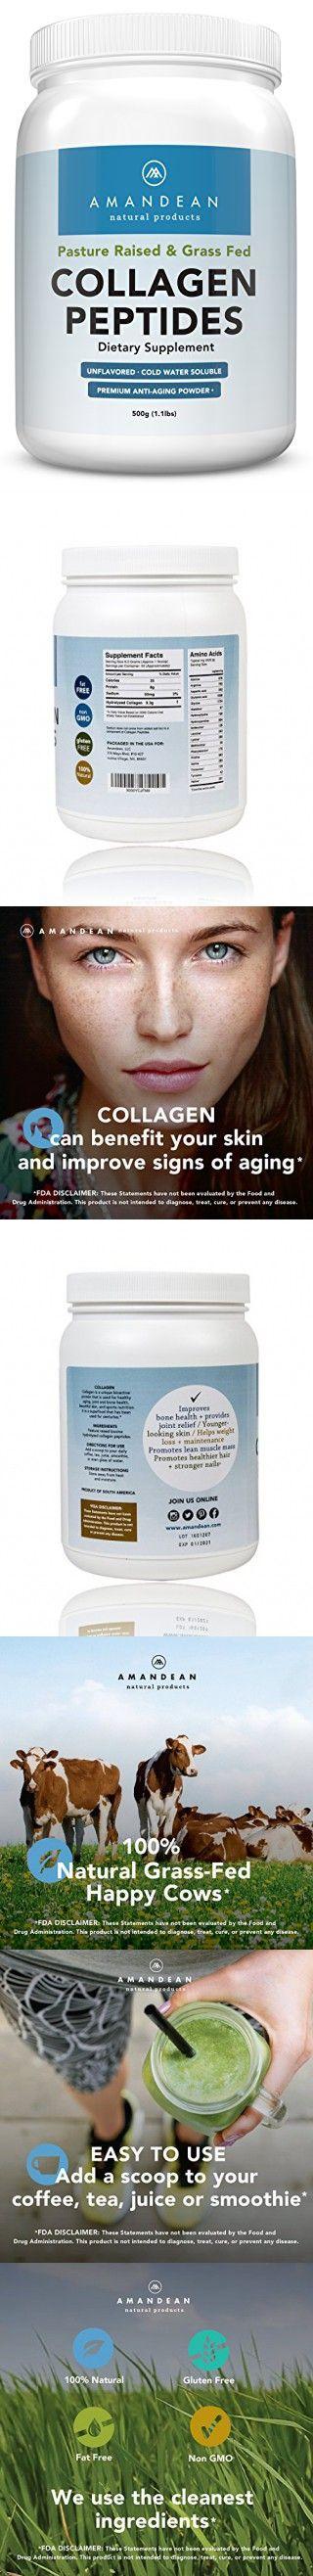 Premium Grass Fed Collagen Peptides Powder (17.6oz